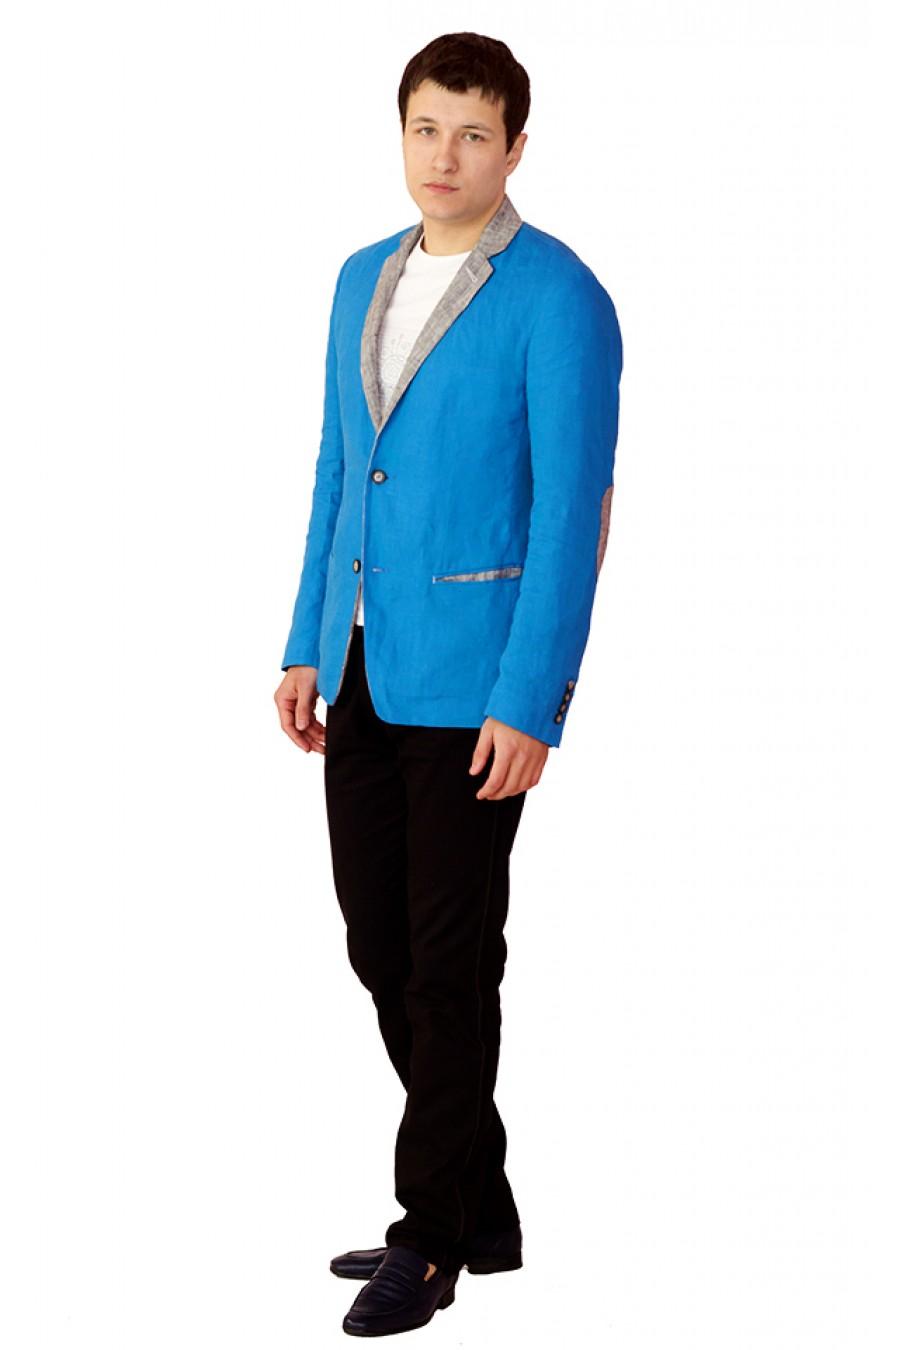 Мужской пиджак Р-210